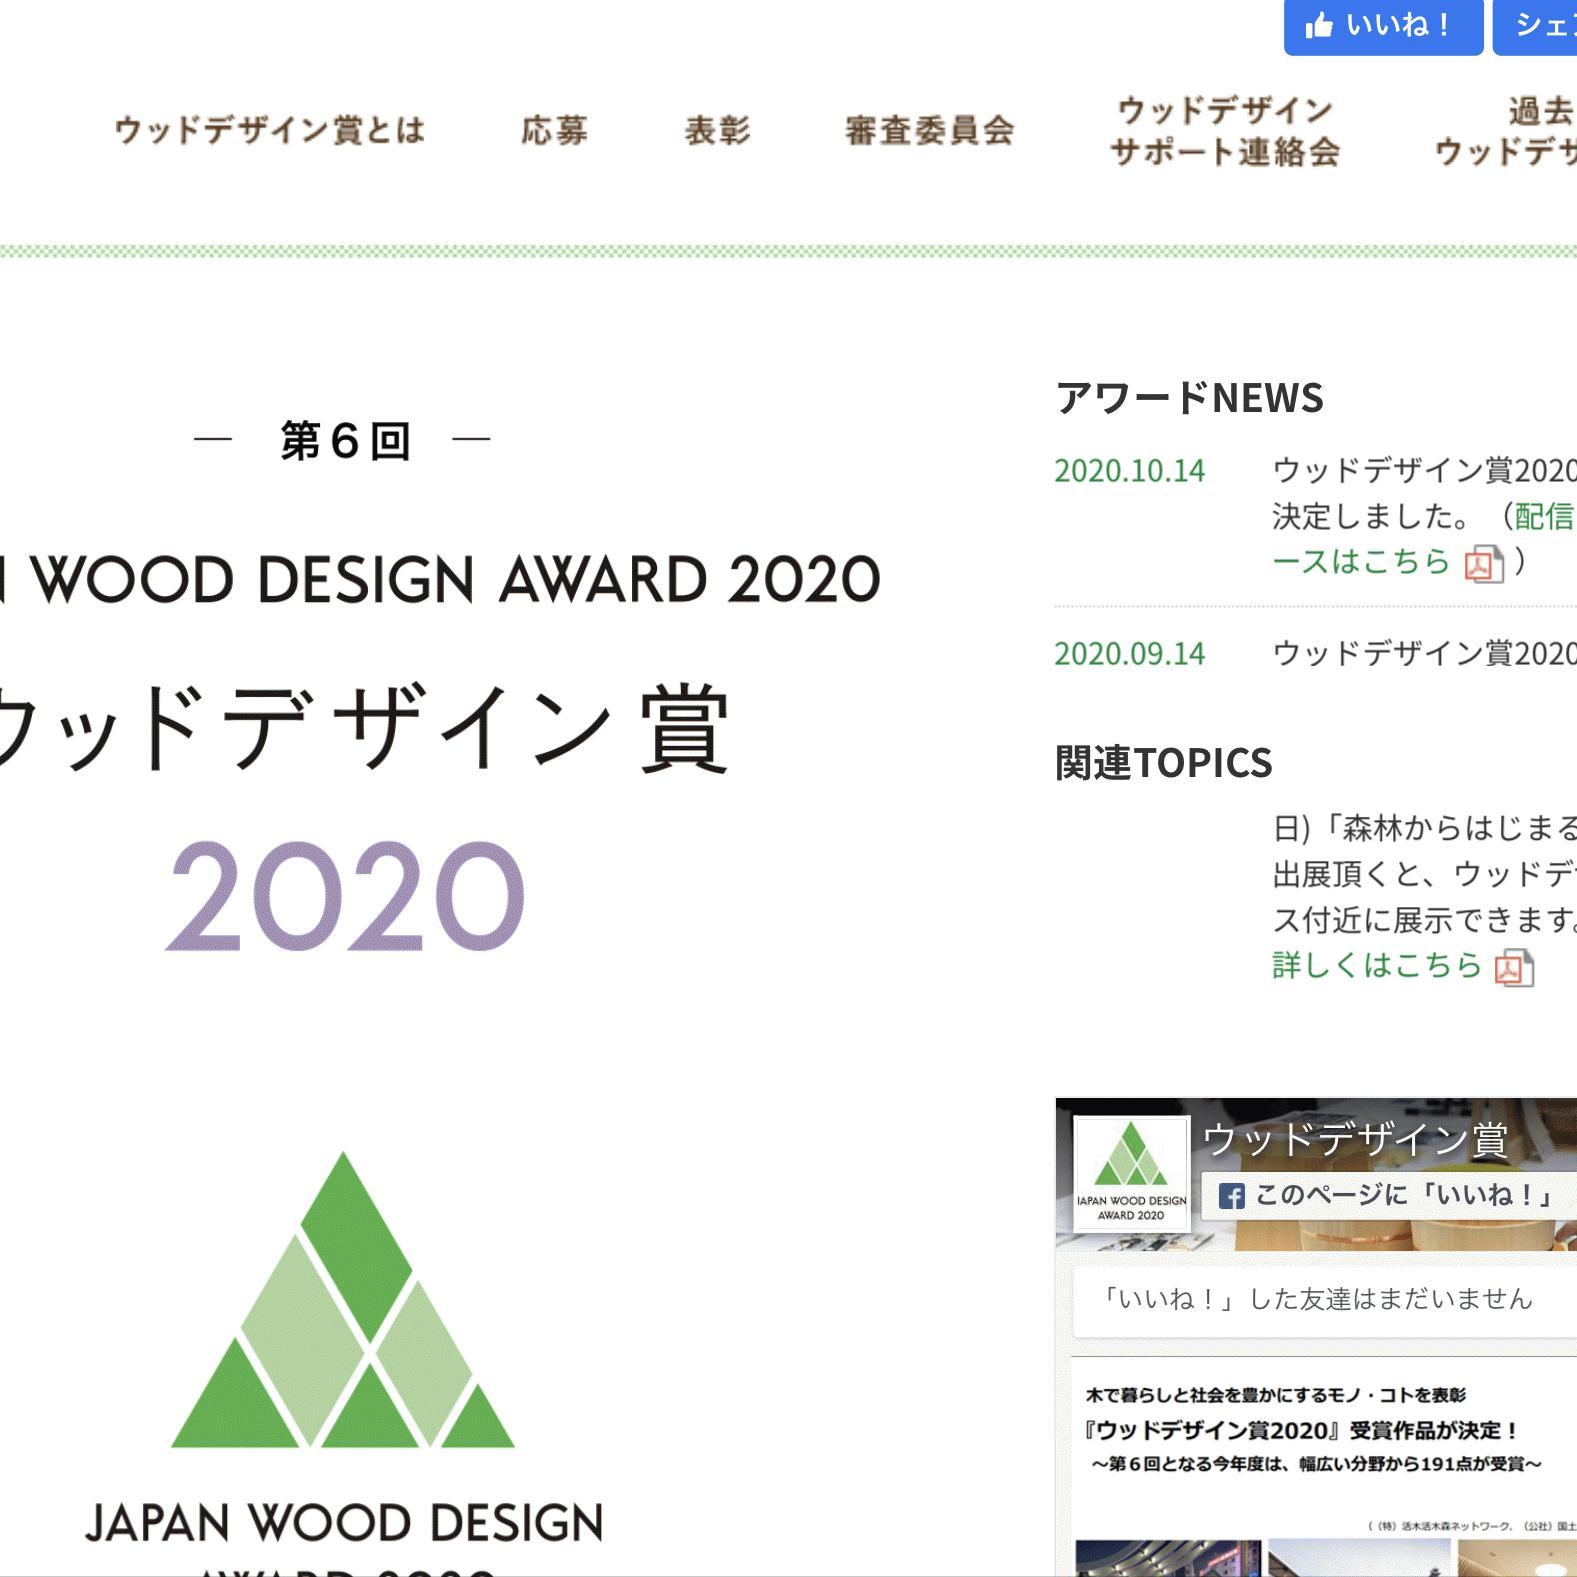 《ウッドデザイン賞2020》「住友林業と住友林業緑化の快挙!!」木材繊維補強ポーラスコンクリート